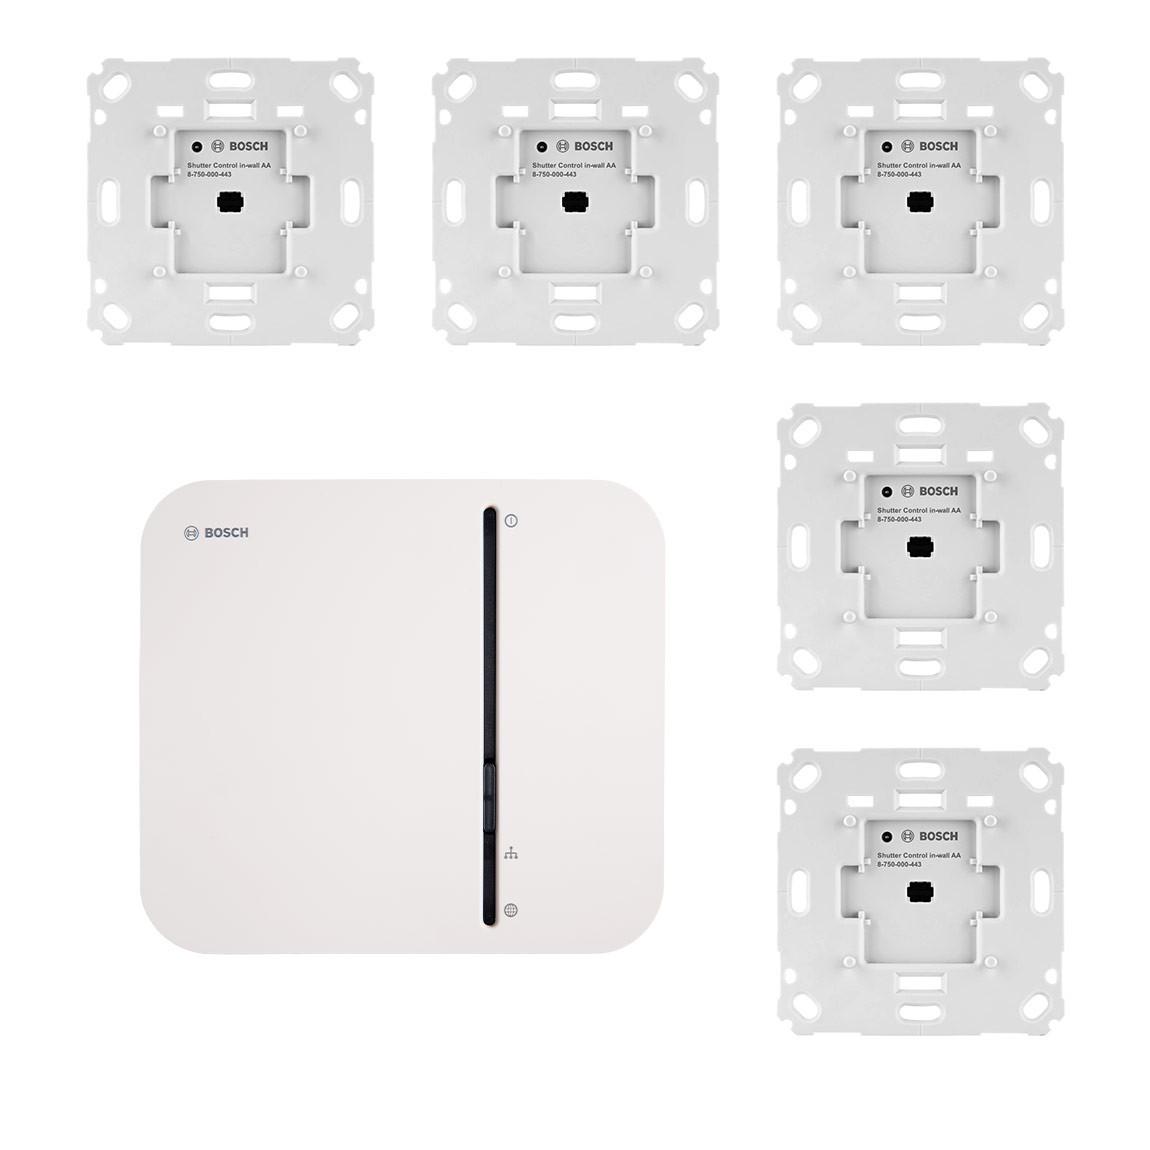 Bosch Smart Home - Starter Set 5x Rollladensteuerung + Gateway für 289€ oder 3er Set für 199€